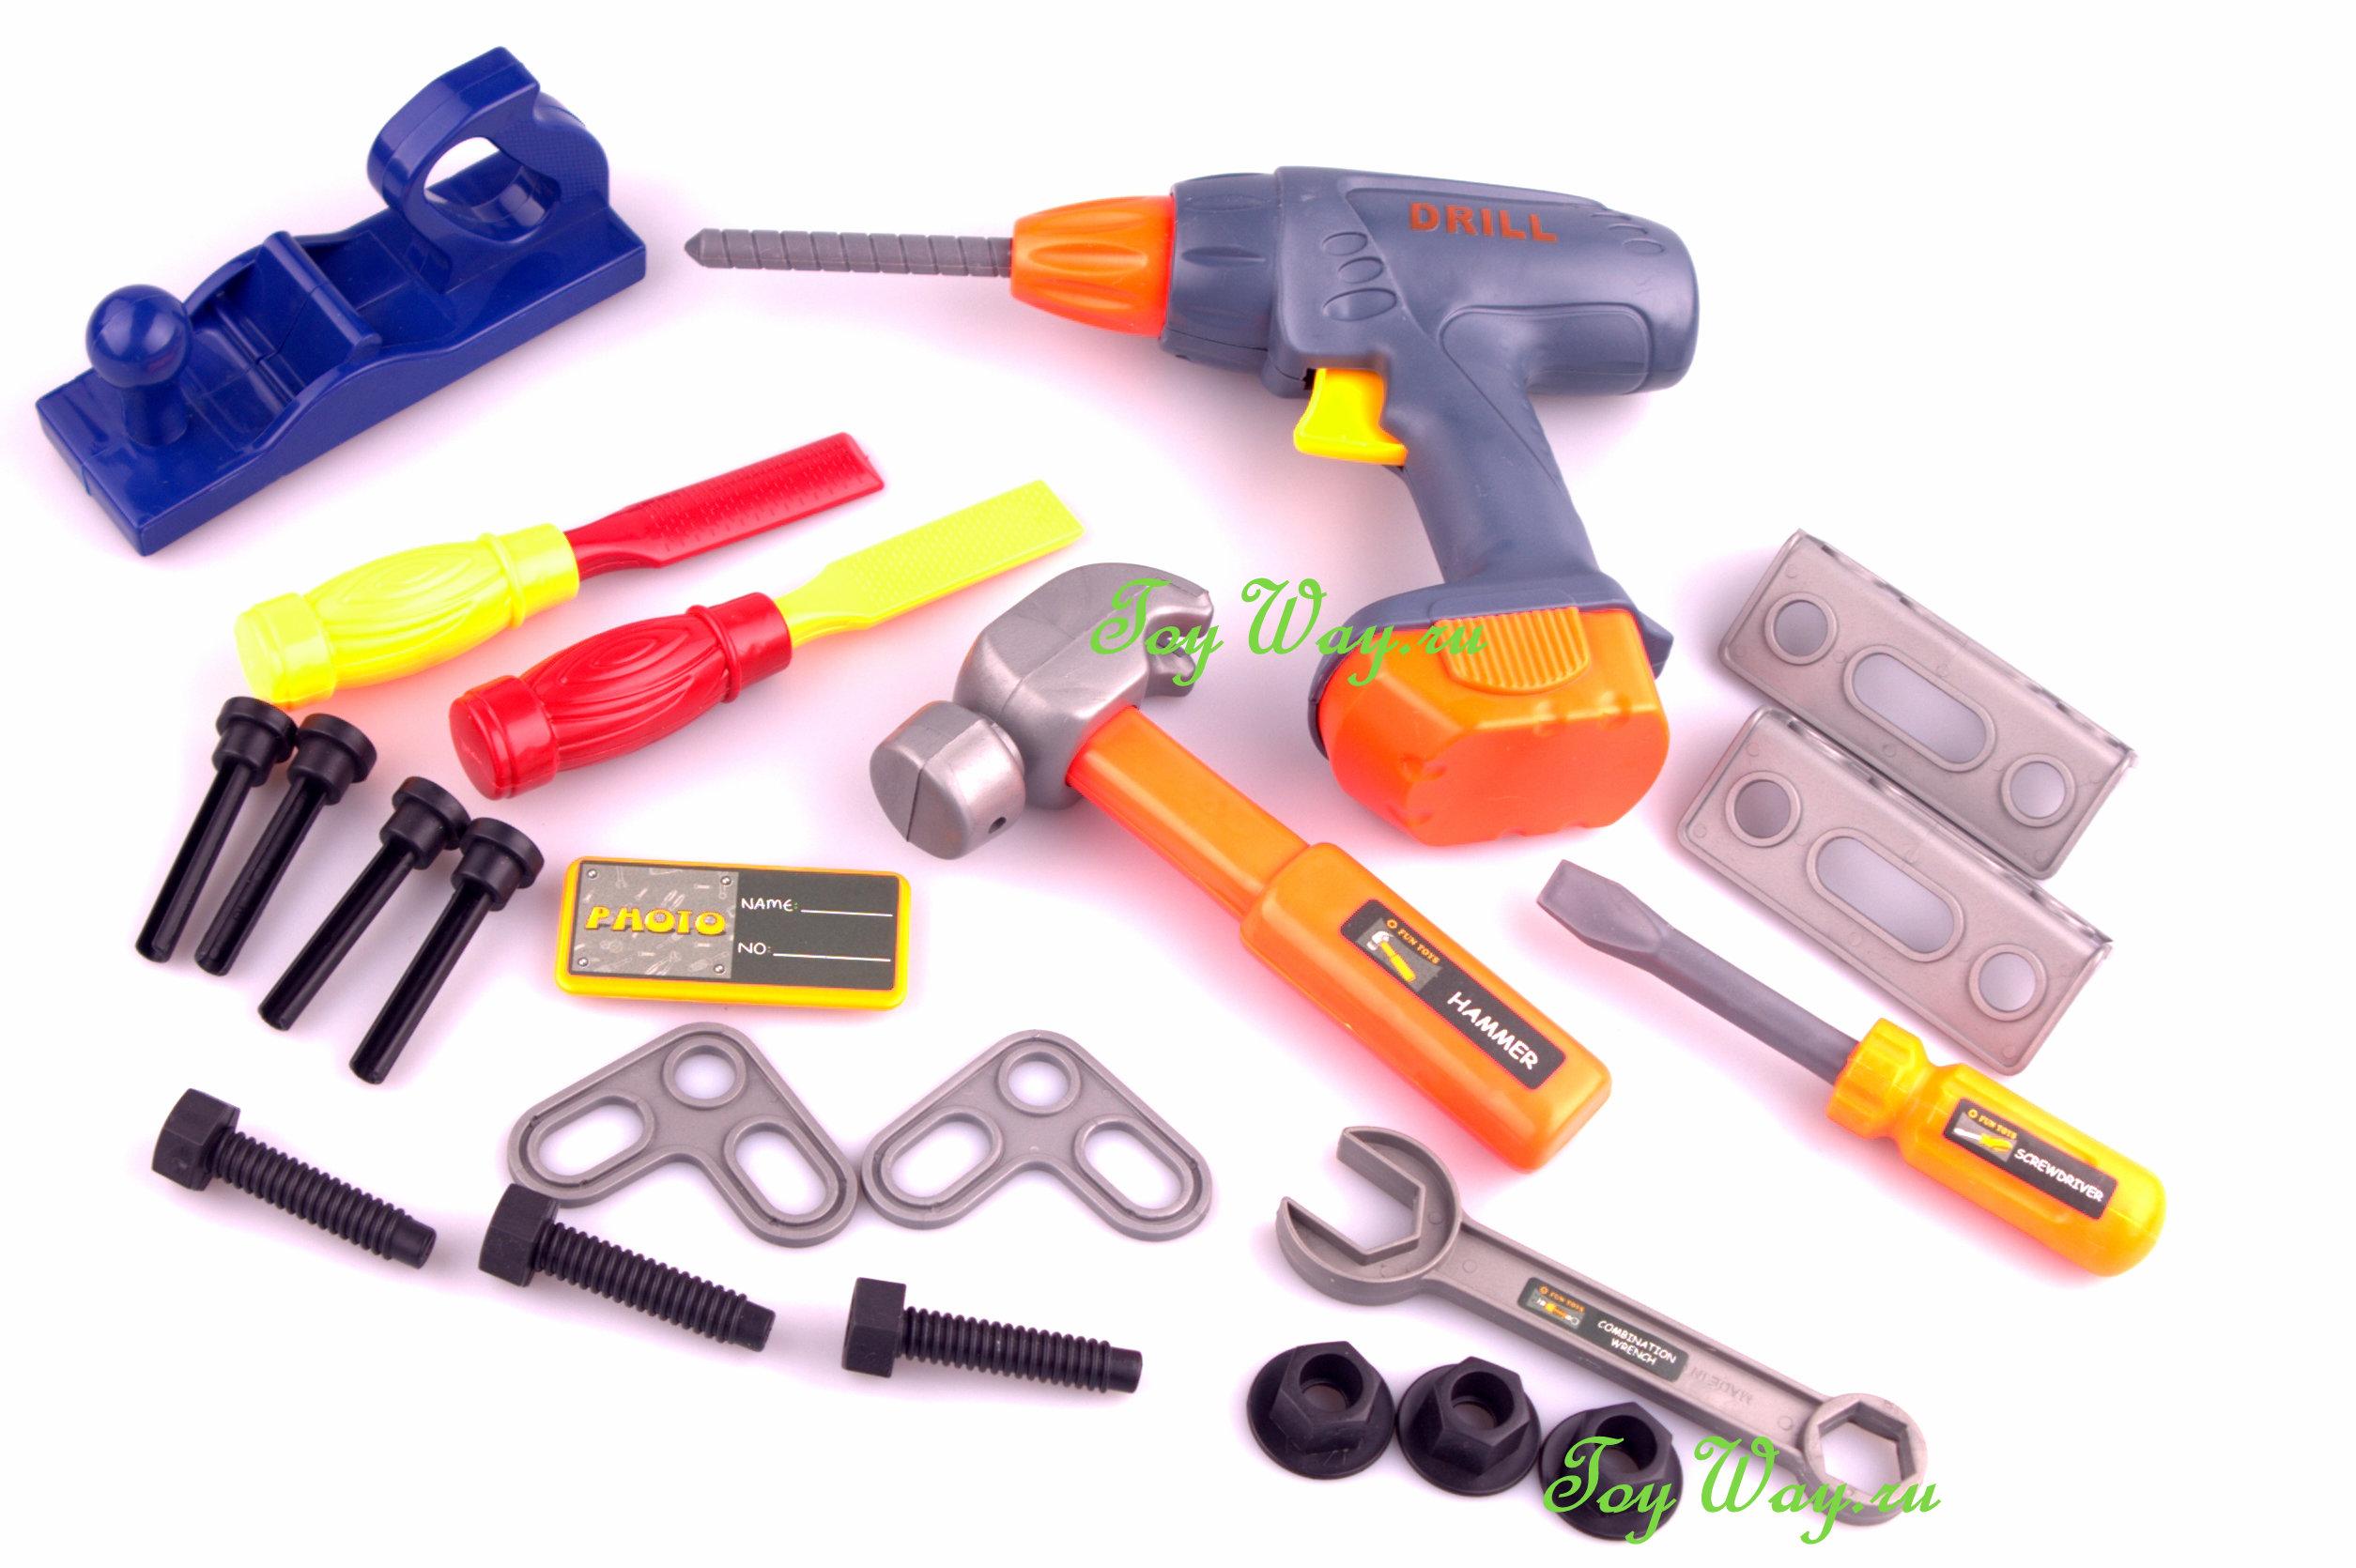 Игрушечный набор инструментов в чемодане, 22 предметаДетские мастерские, инструменты<br>Игрушечный набор инструментов в чемодане, 22 предмета<br>